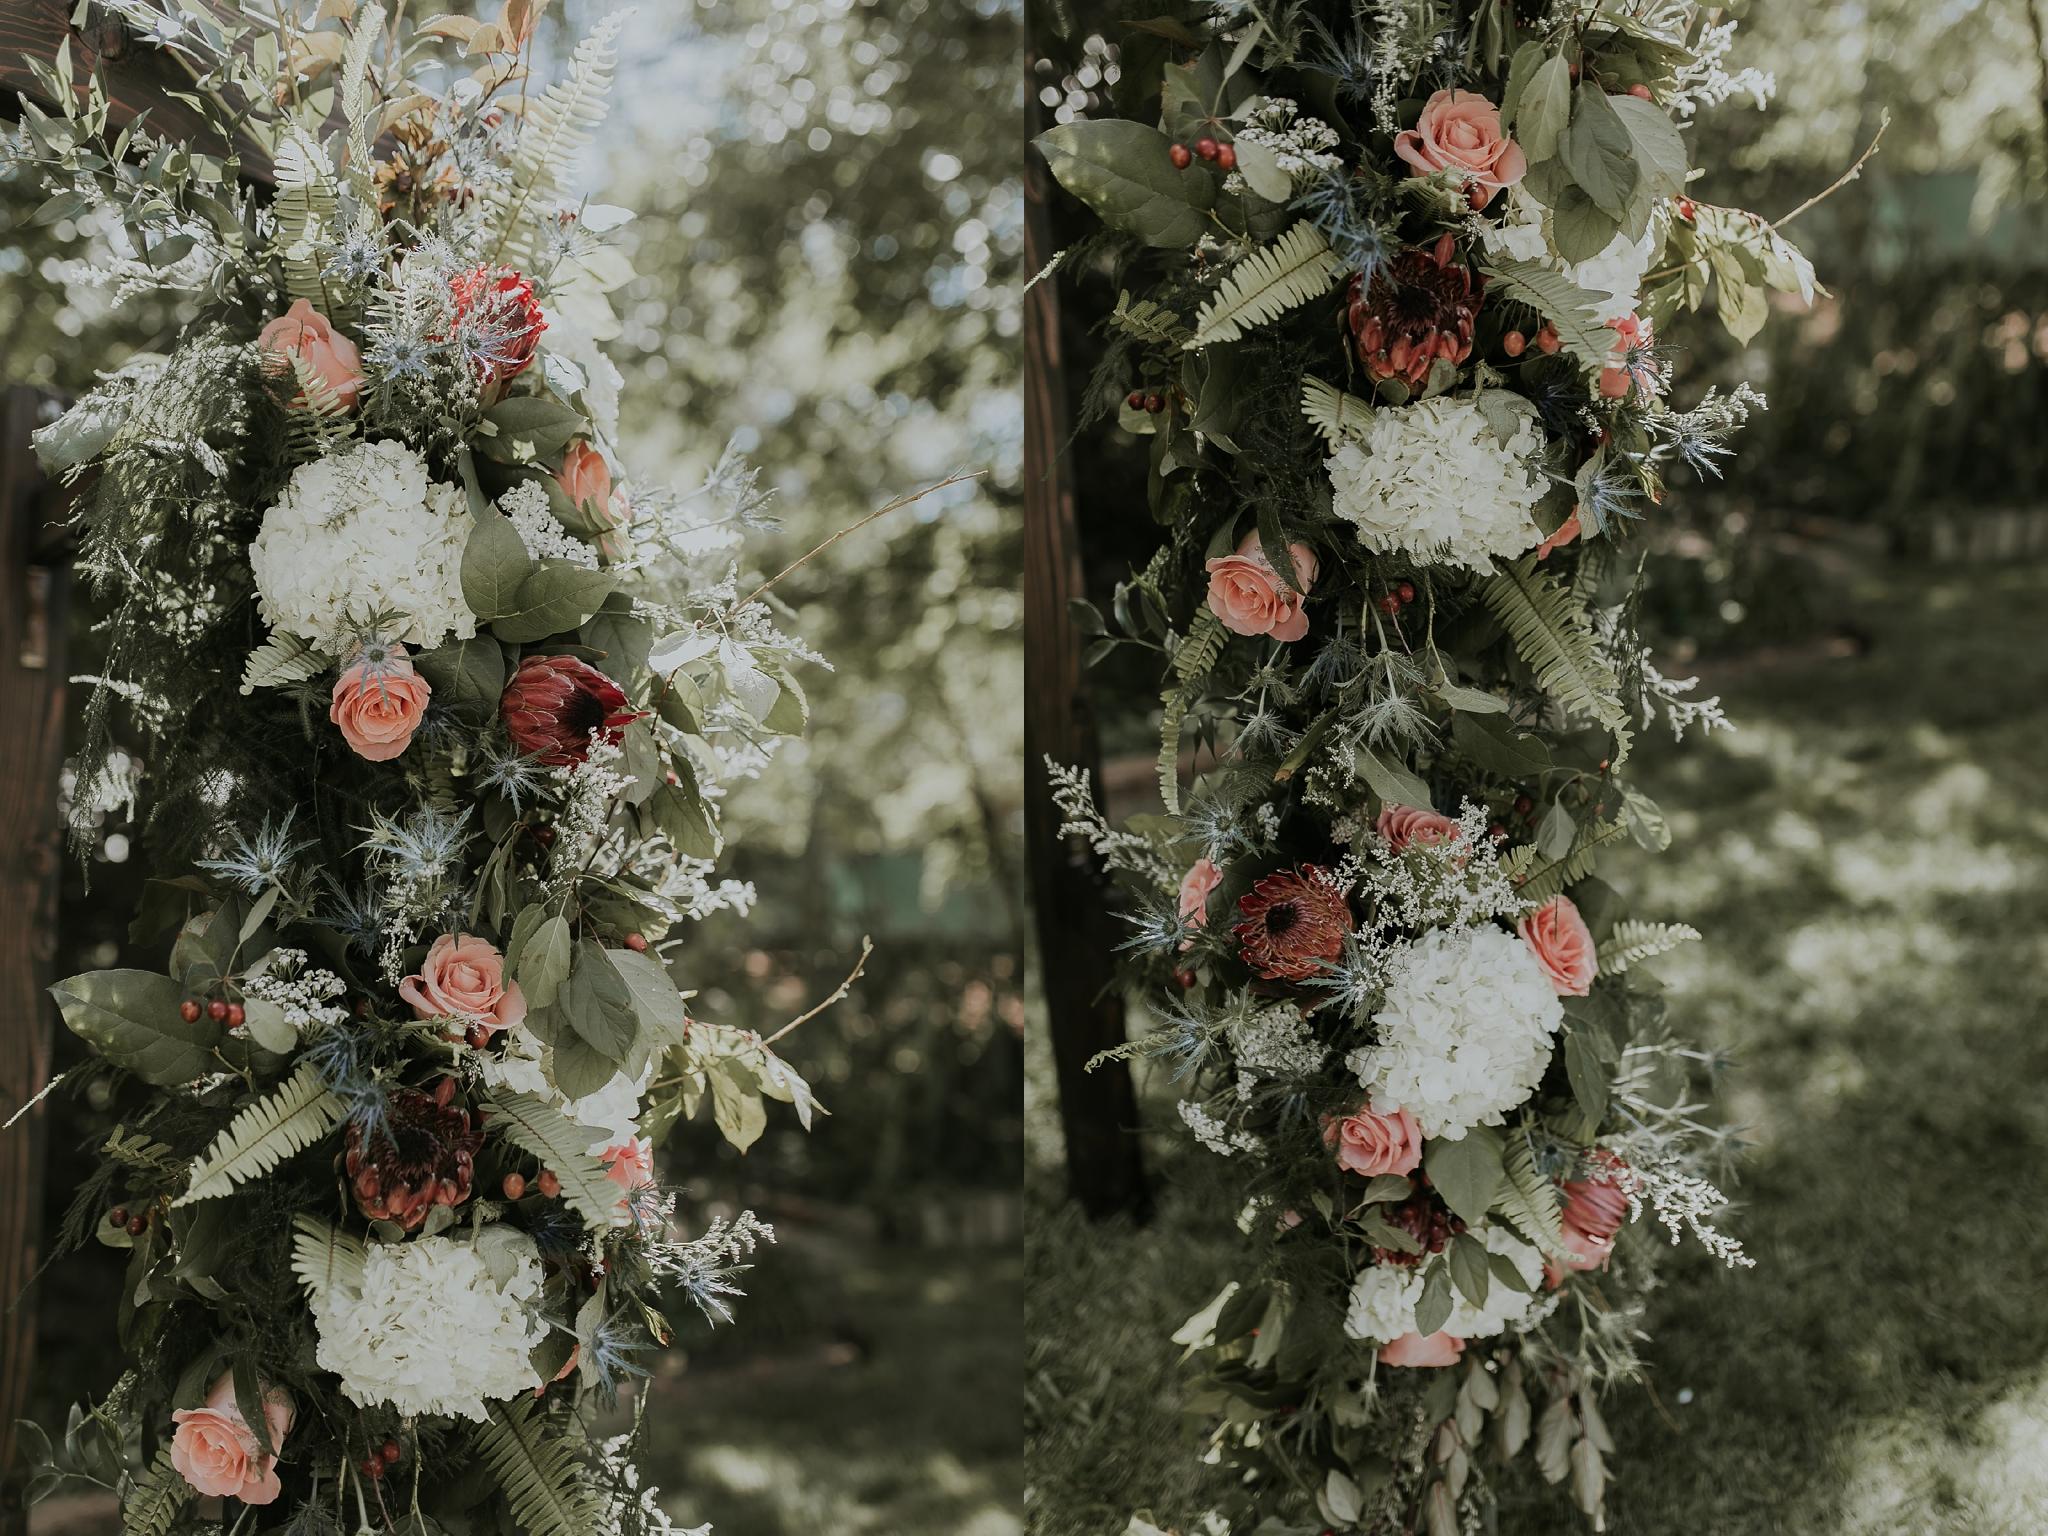 Alicia+lucia+photography+-+albuquerque+wedding+photographer+-+santa+fe+wedding+photography+-+new+mexico+wedding+photographer+-+wedding+ceremony+-+wedding+alter+-+floral+alter_0081.jpg